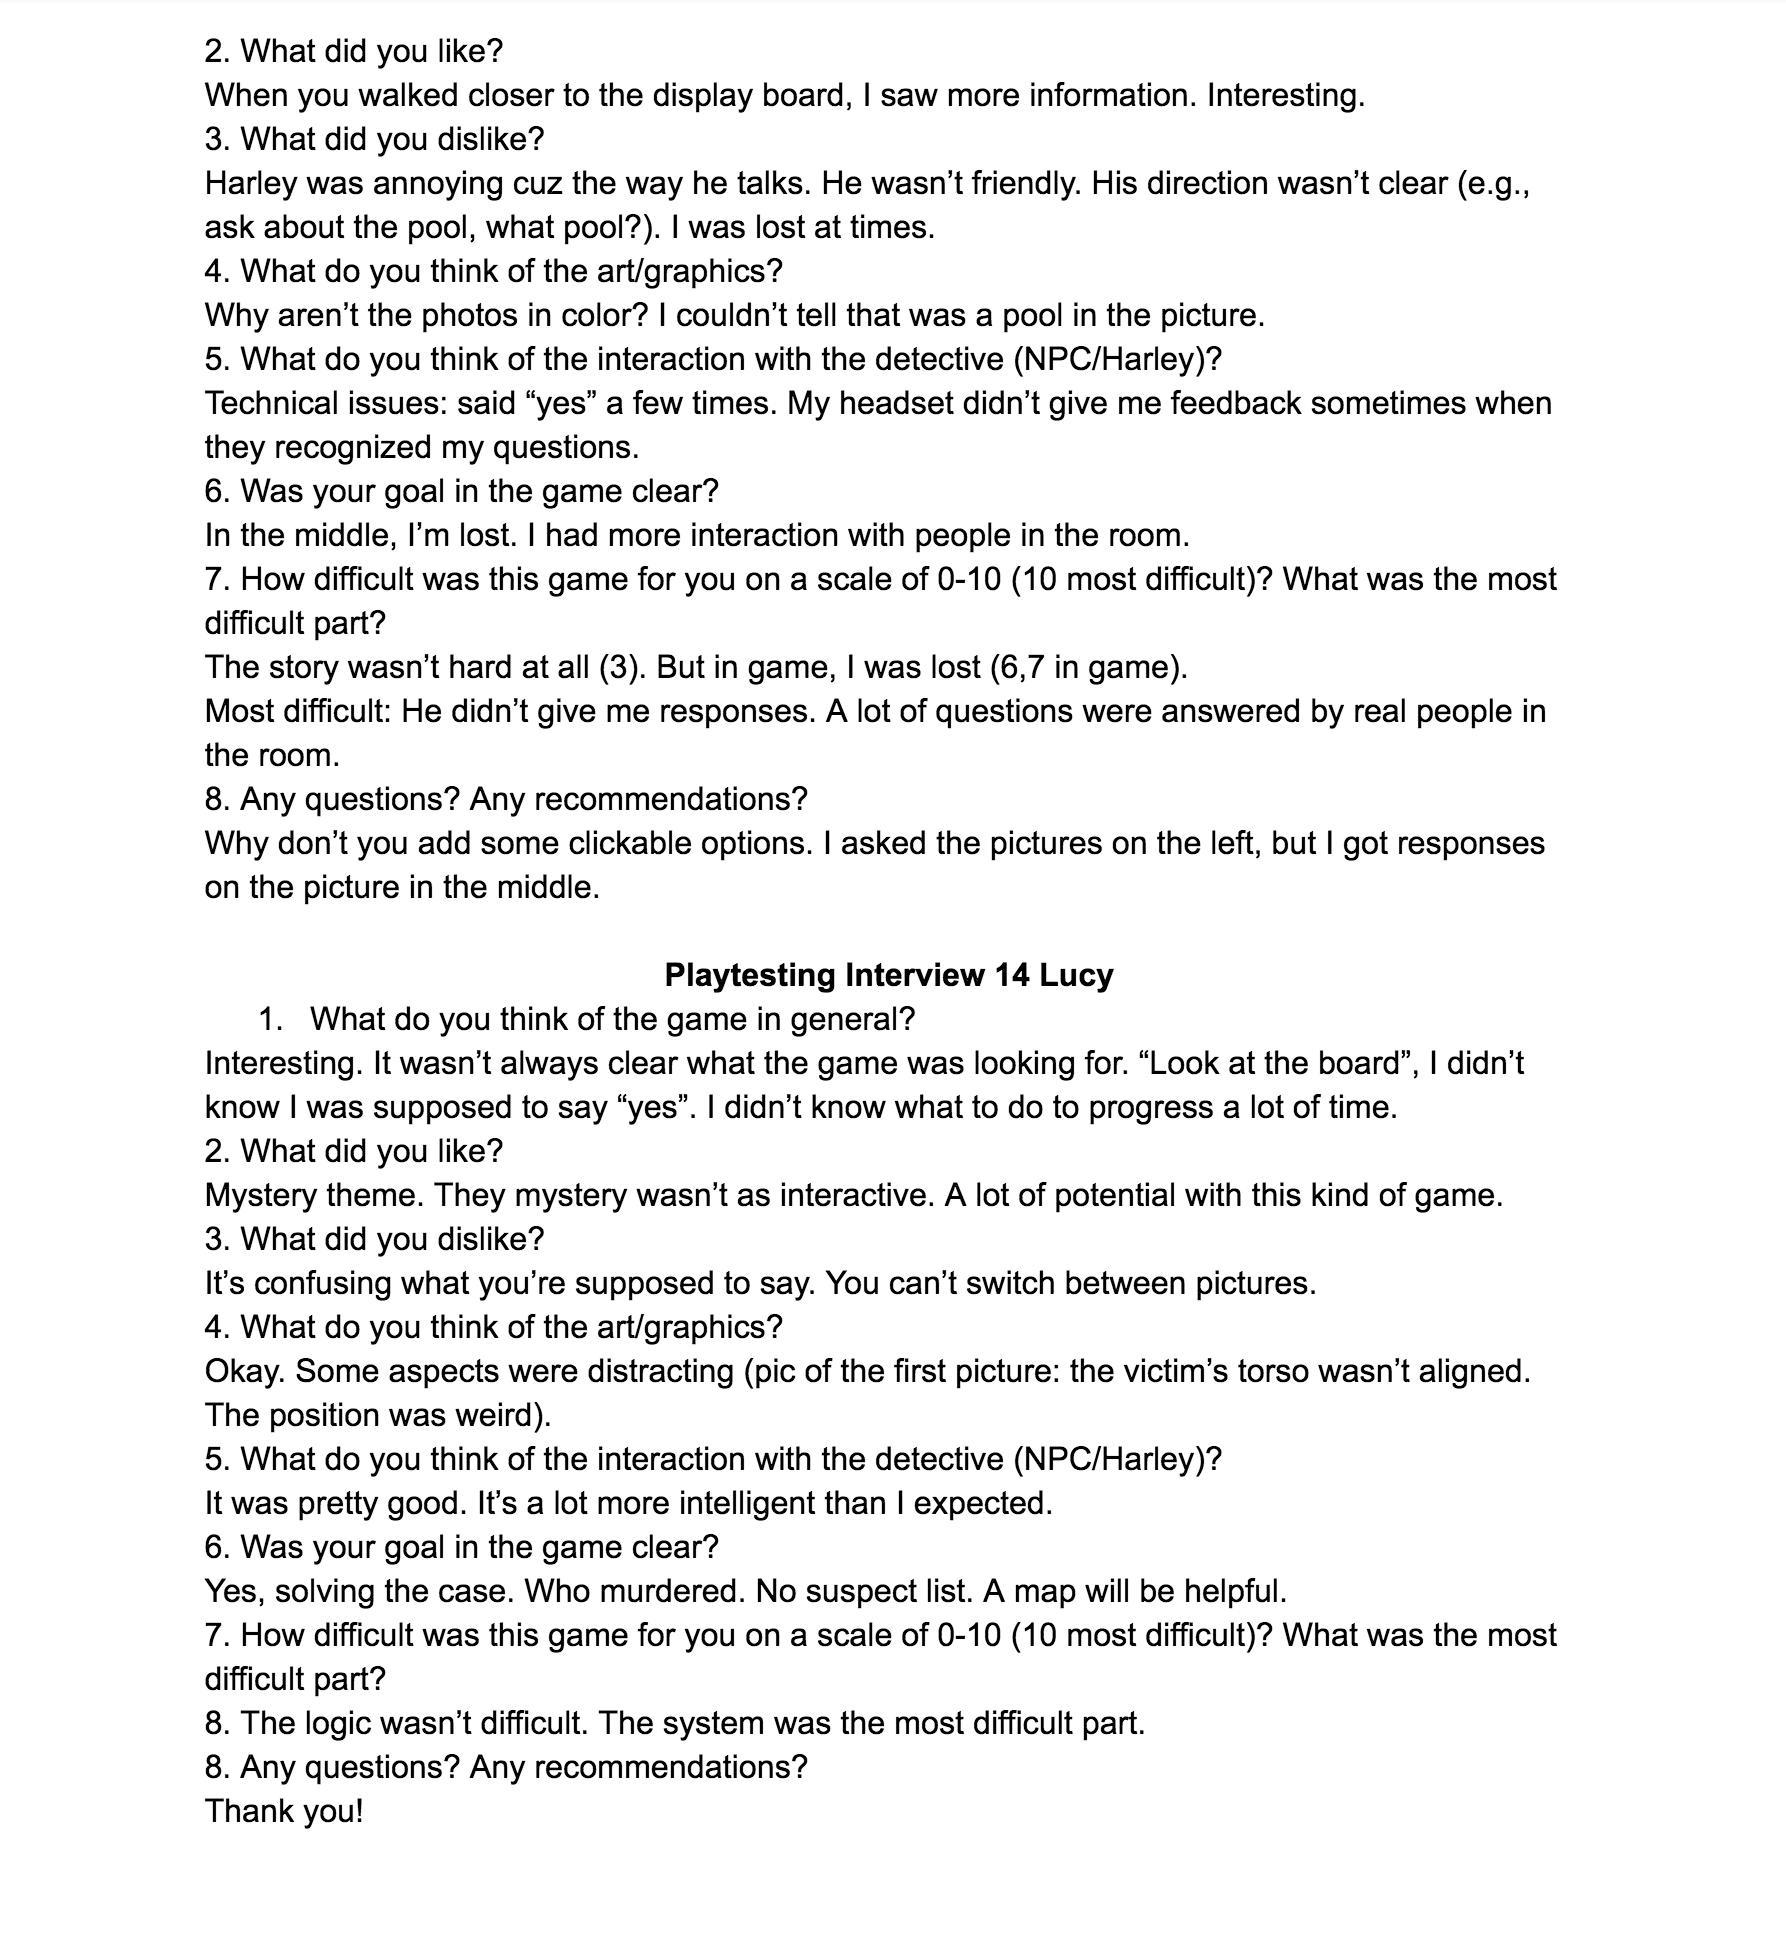 Playtest interview 8